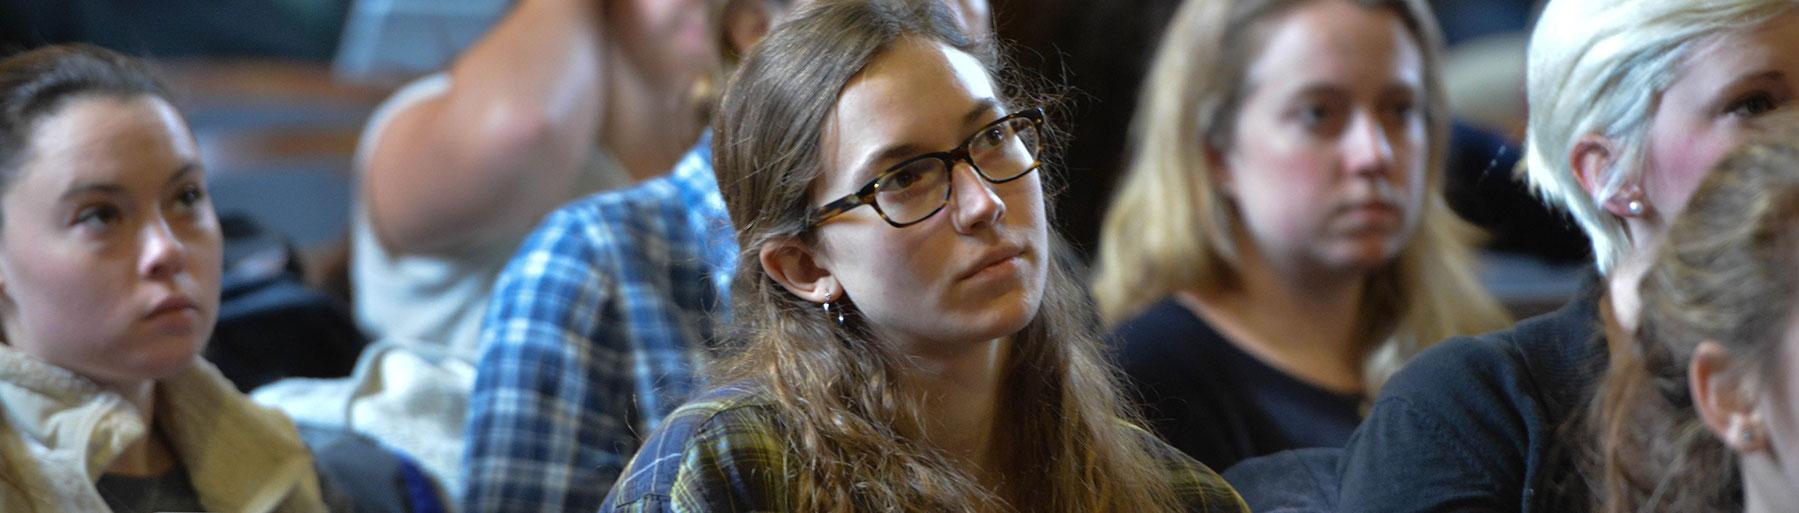 Student1.jpg